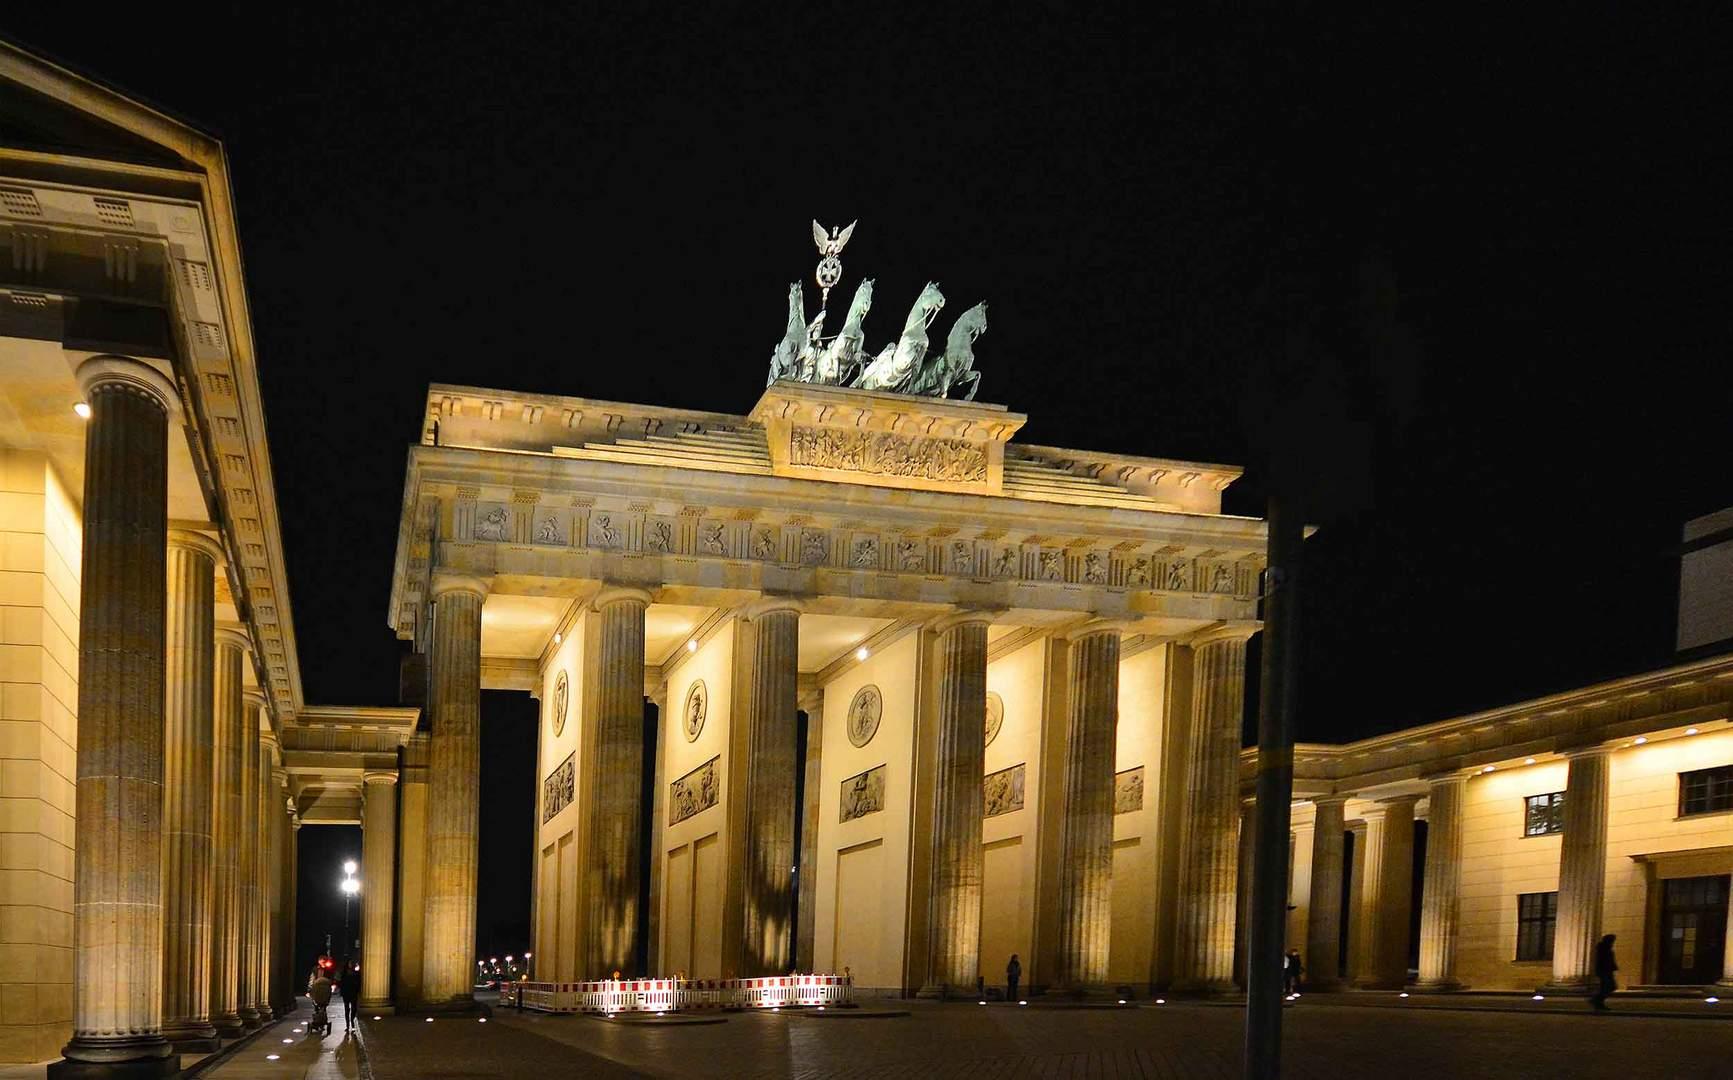 Da fährt man mal nach Berlin